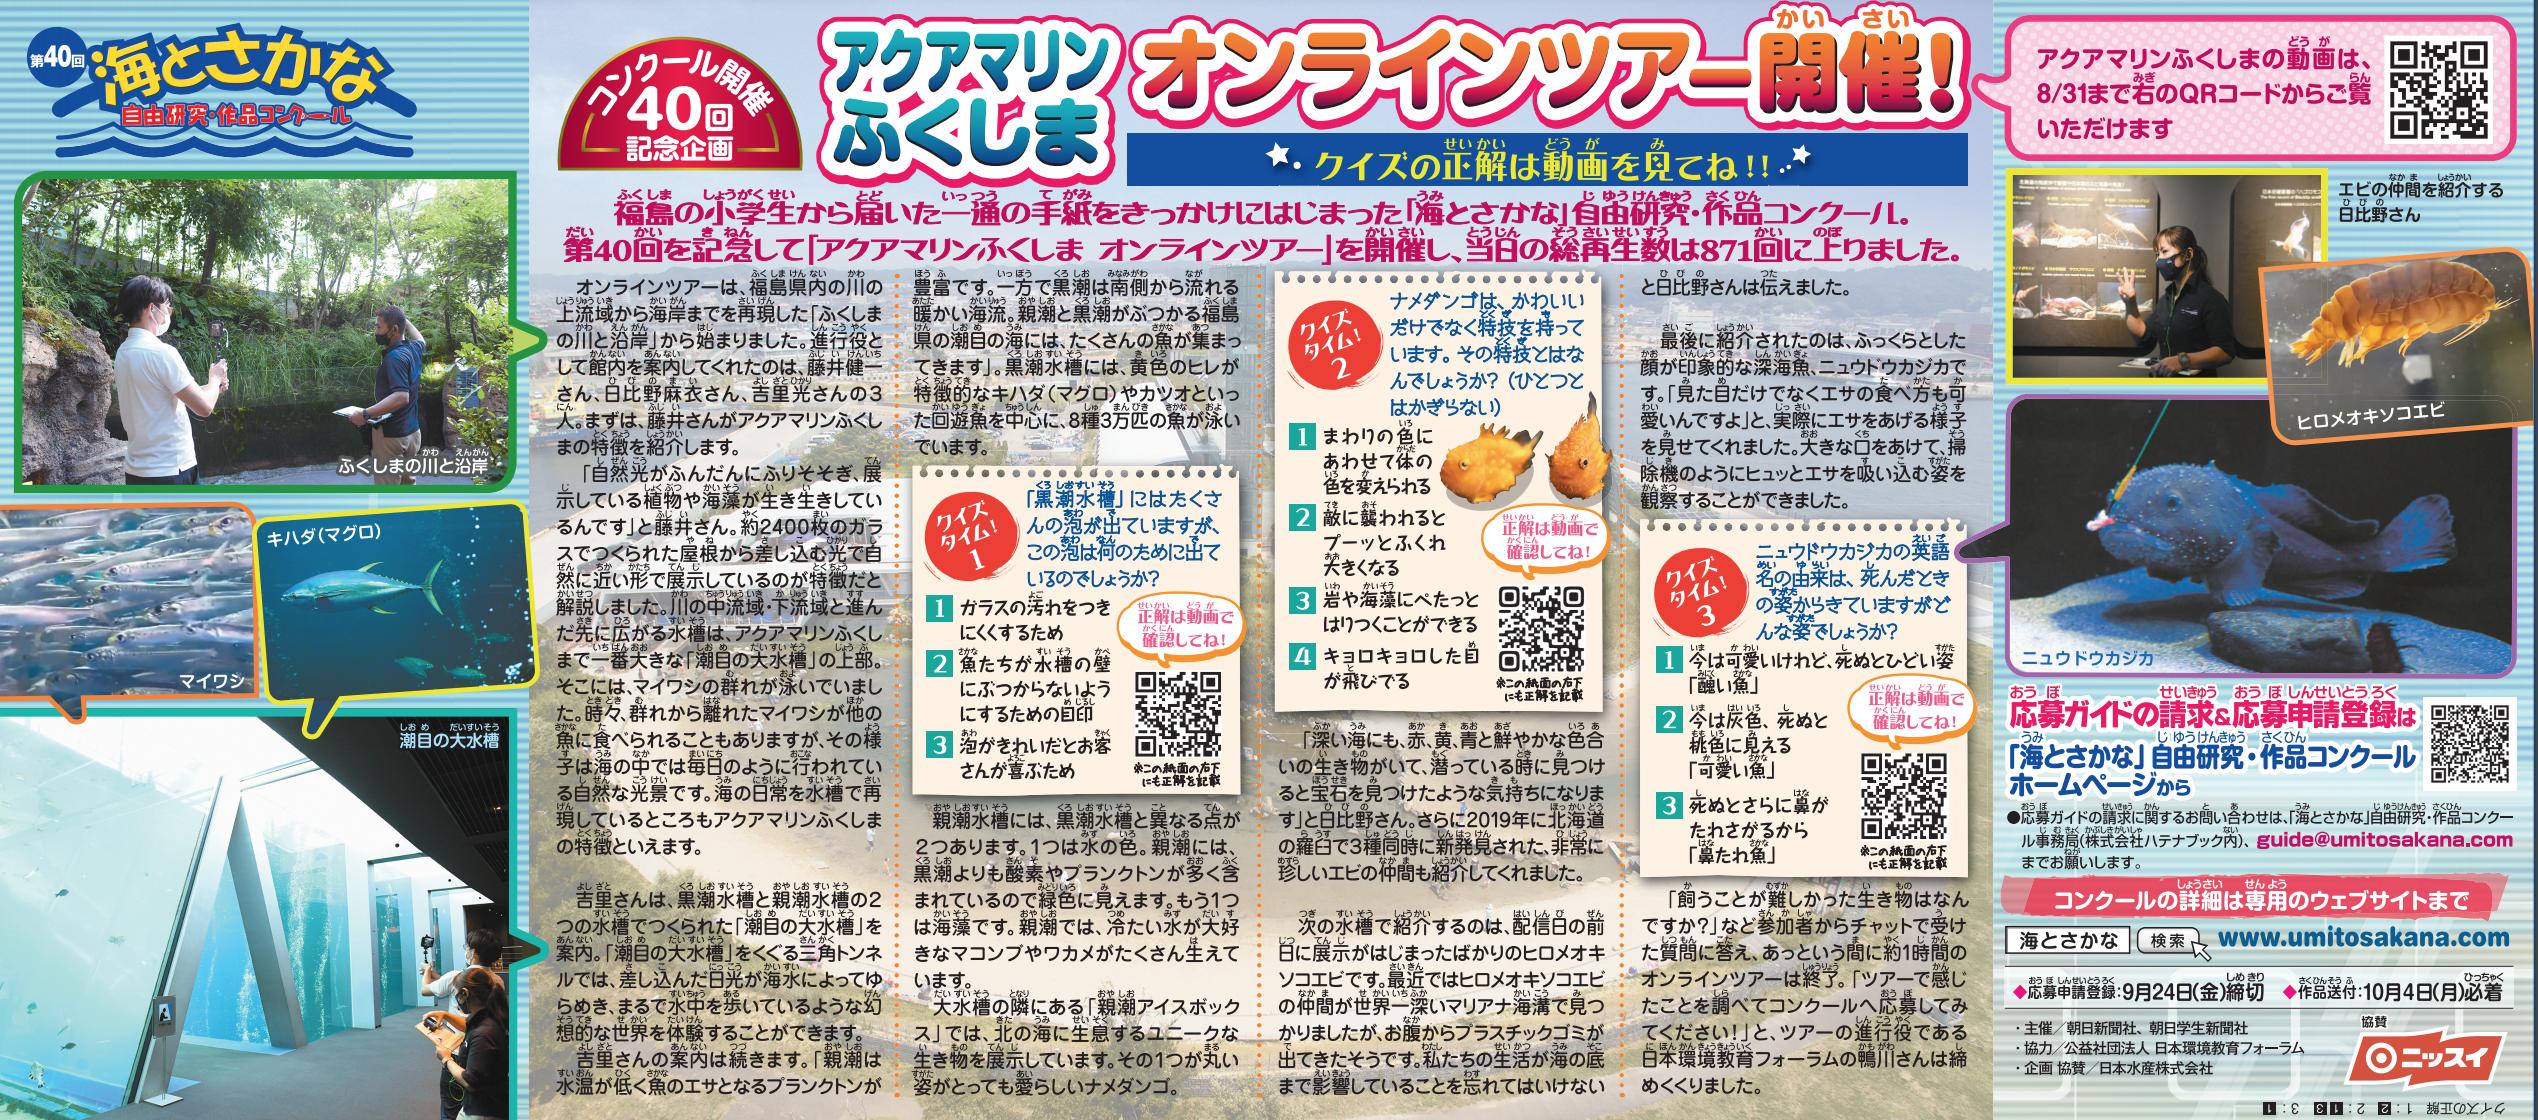 アクアマリンふくしまオンラインツアー開催!